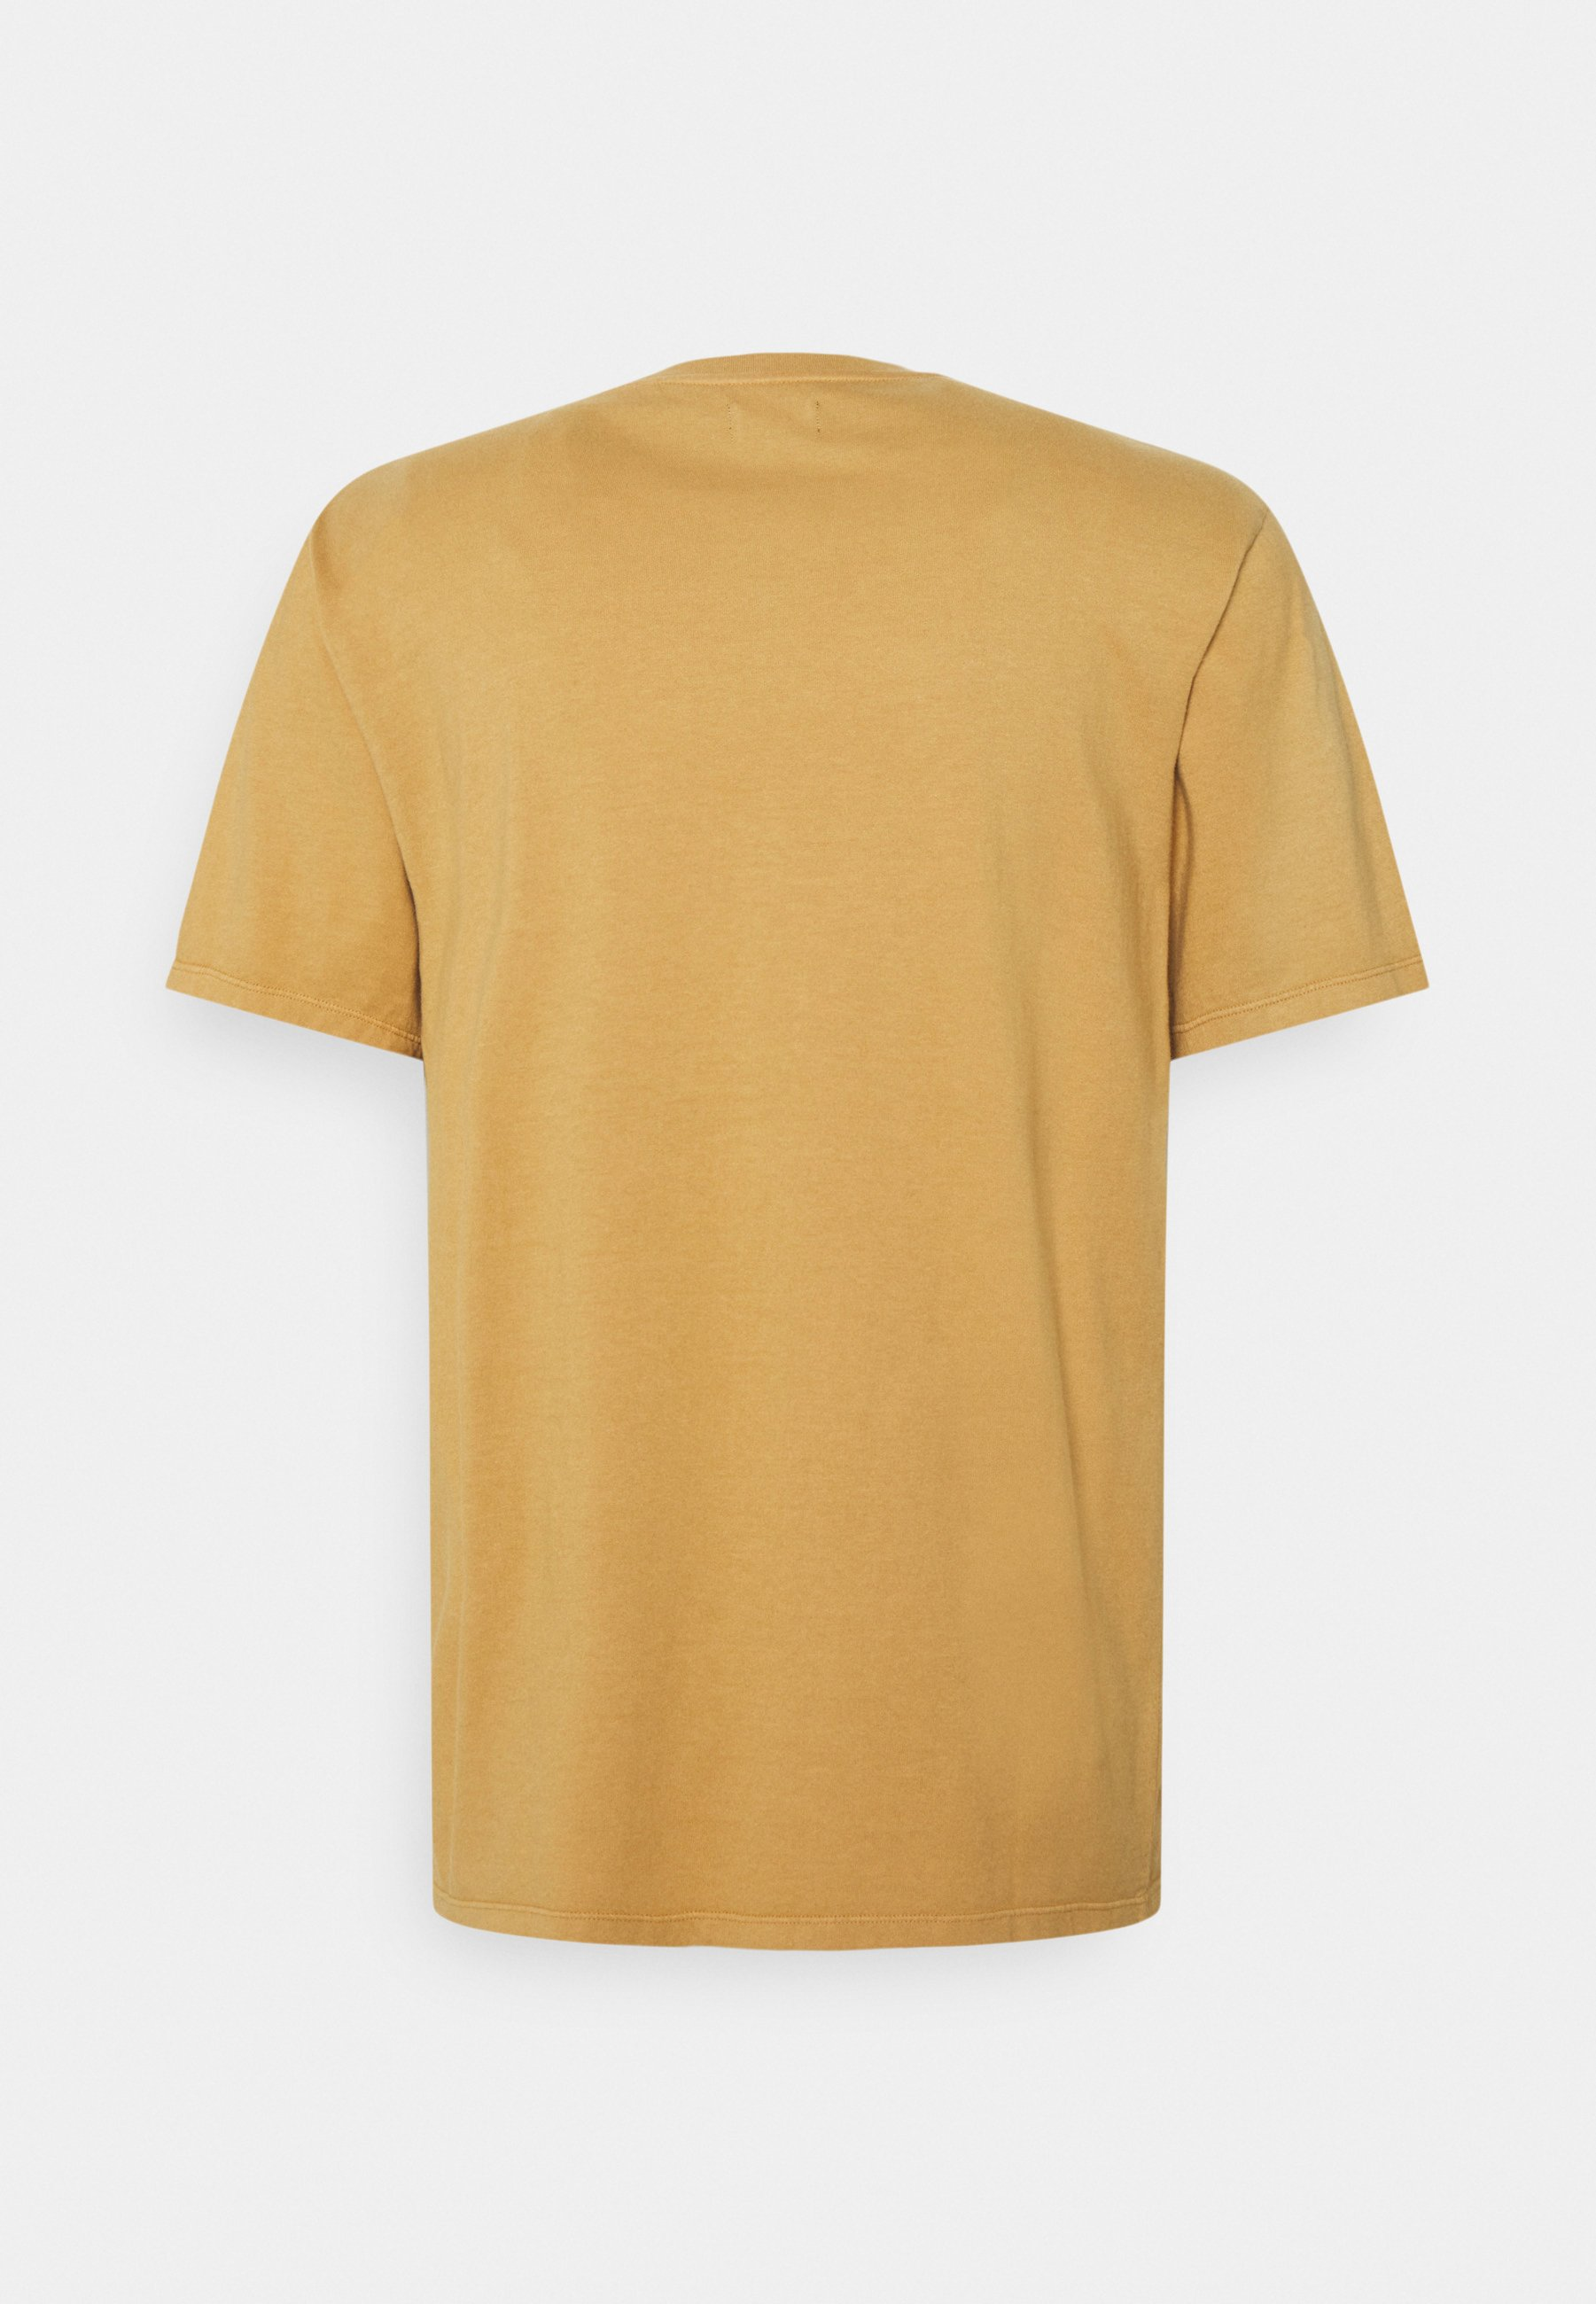 Homme DRAGON  - T-shirt basique - SINGLE